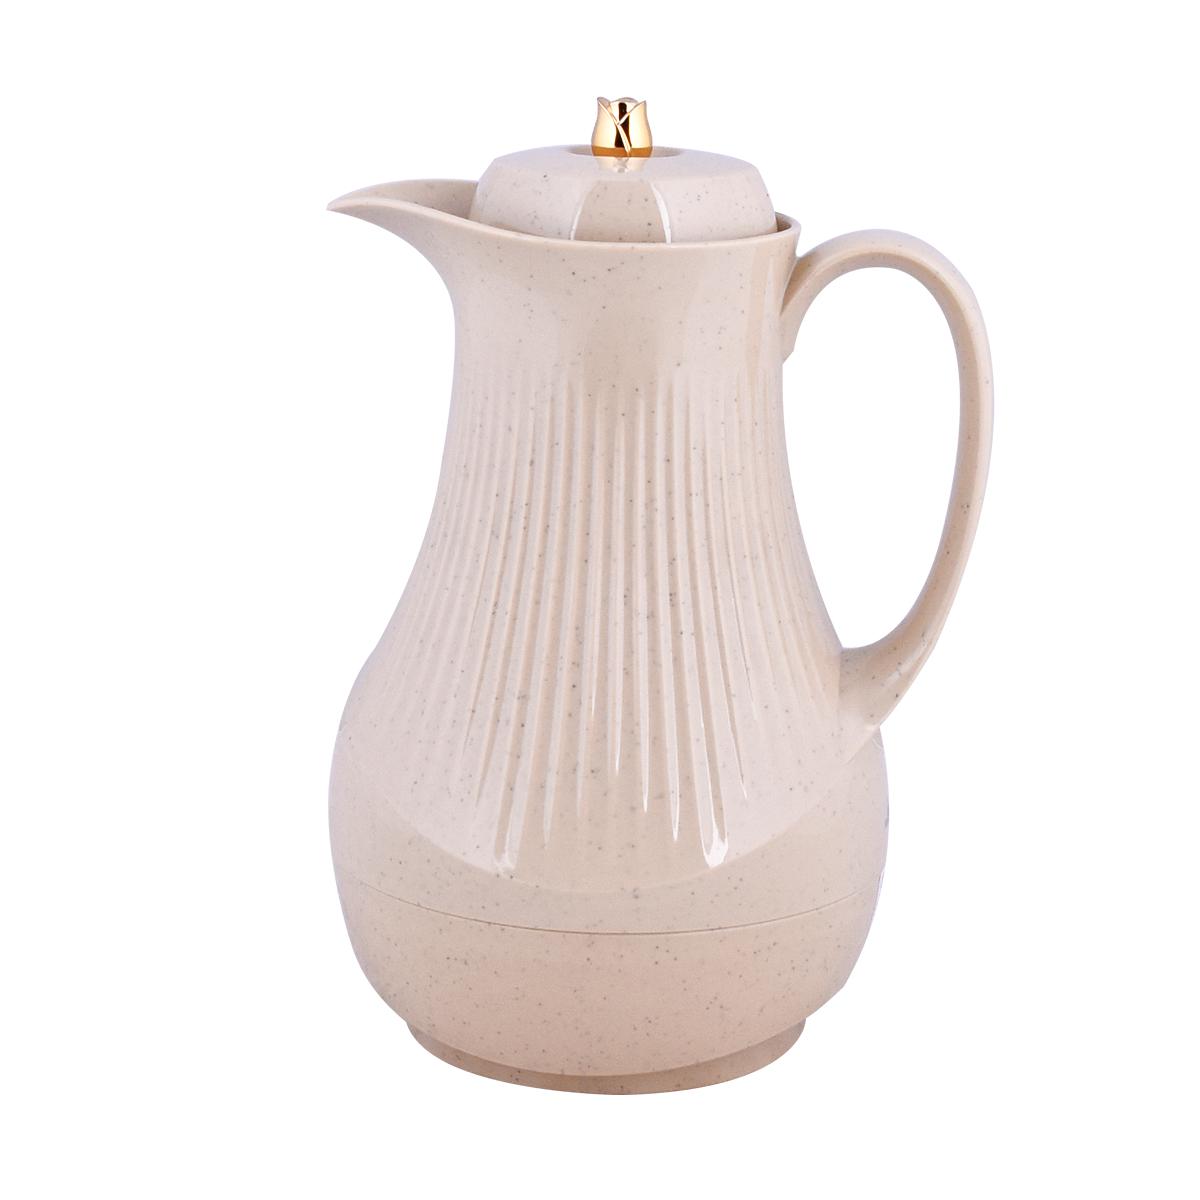 ترمس شاي وقهوة ديفا - DEVA - مقاس 1.0لتر - رقم K190490/GRBE